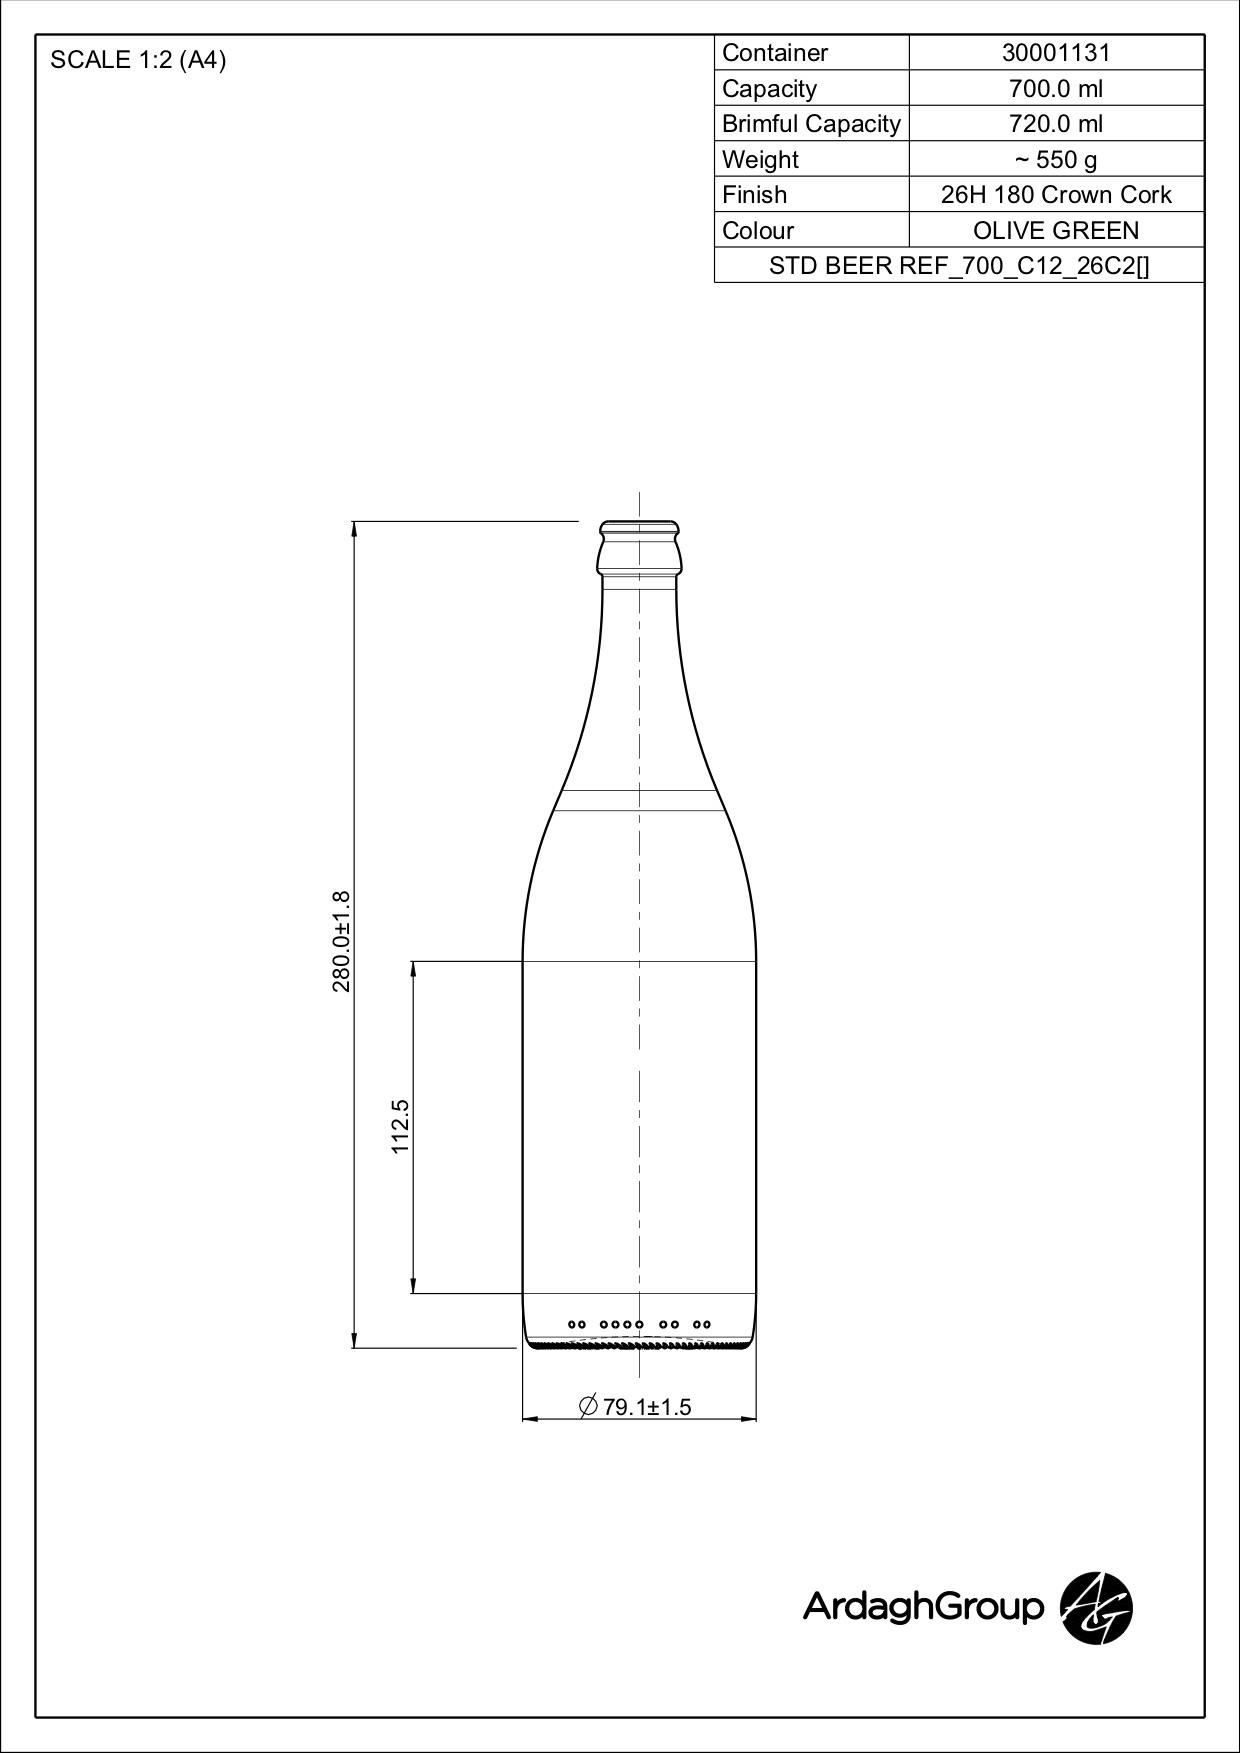 STD BEER REF 700 C12 26C2